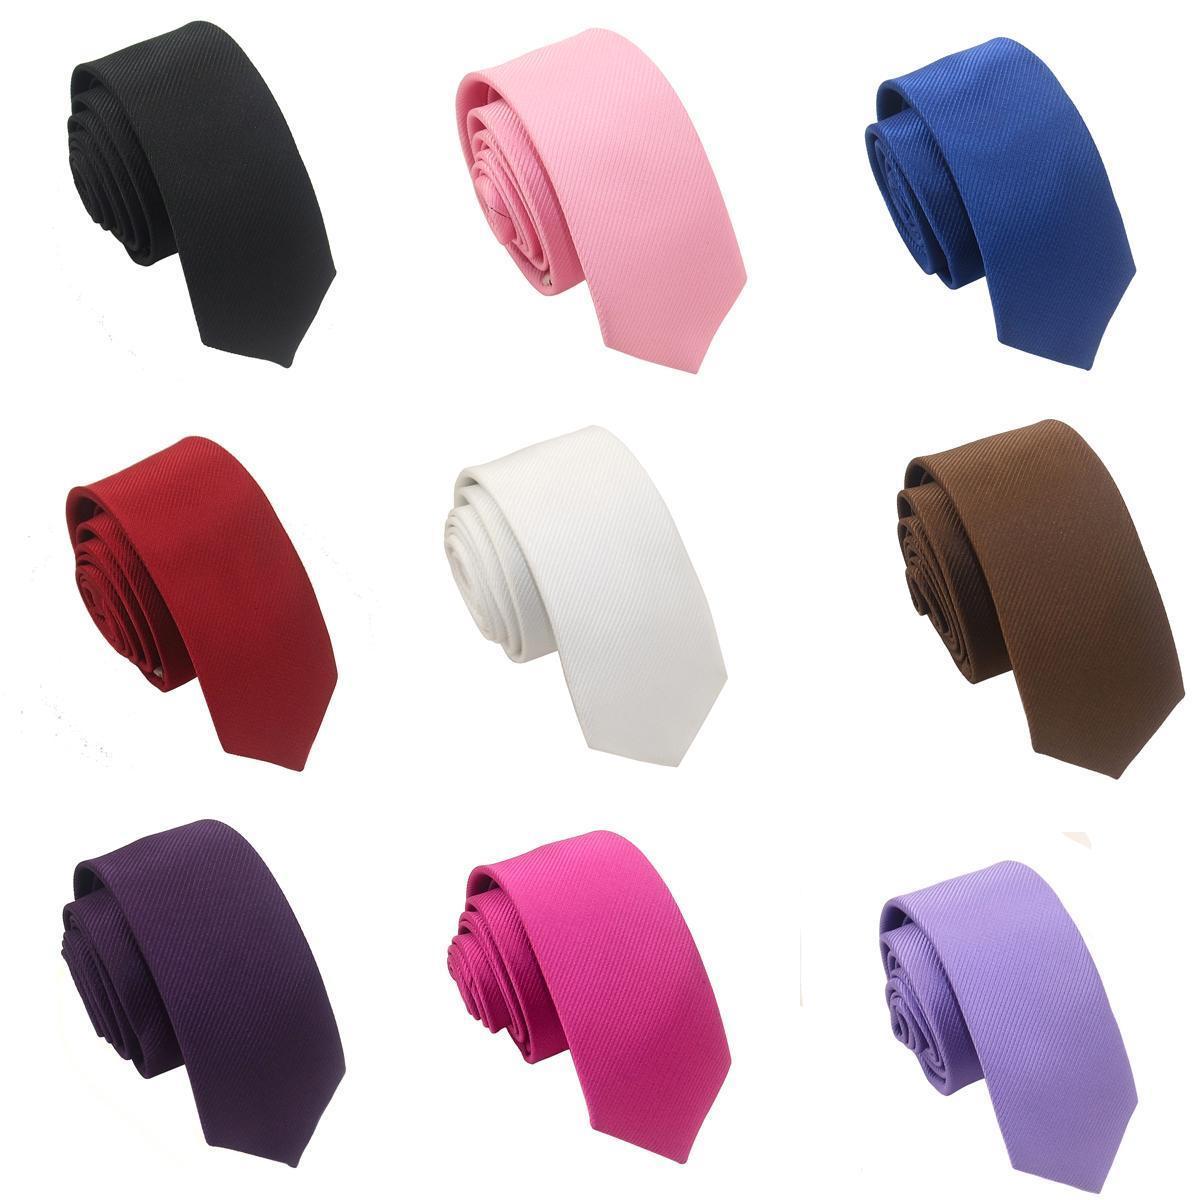 超具口碑的国人西装领带供应商当属国人西服 信誉好的领带